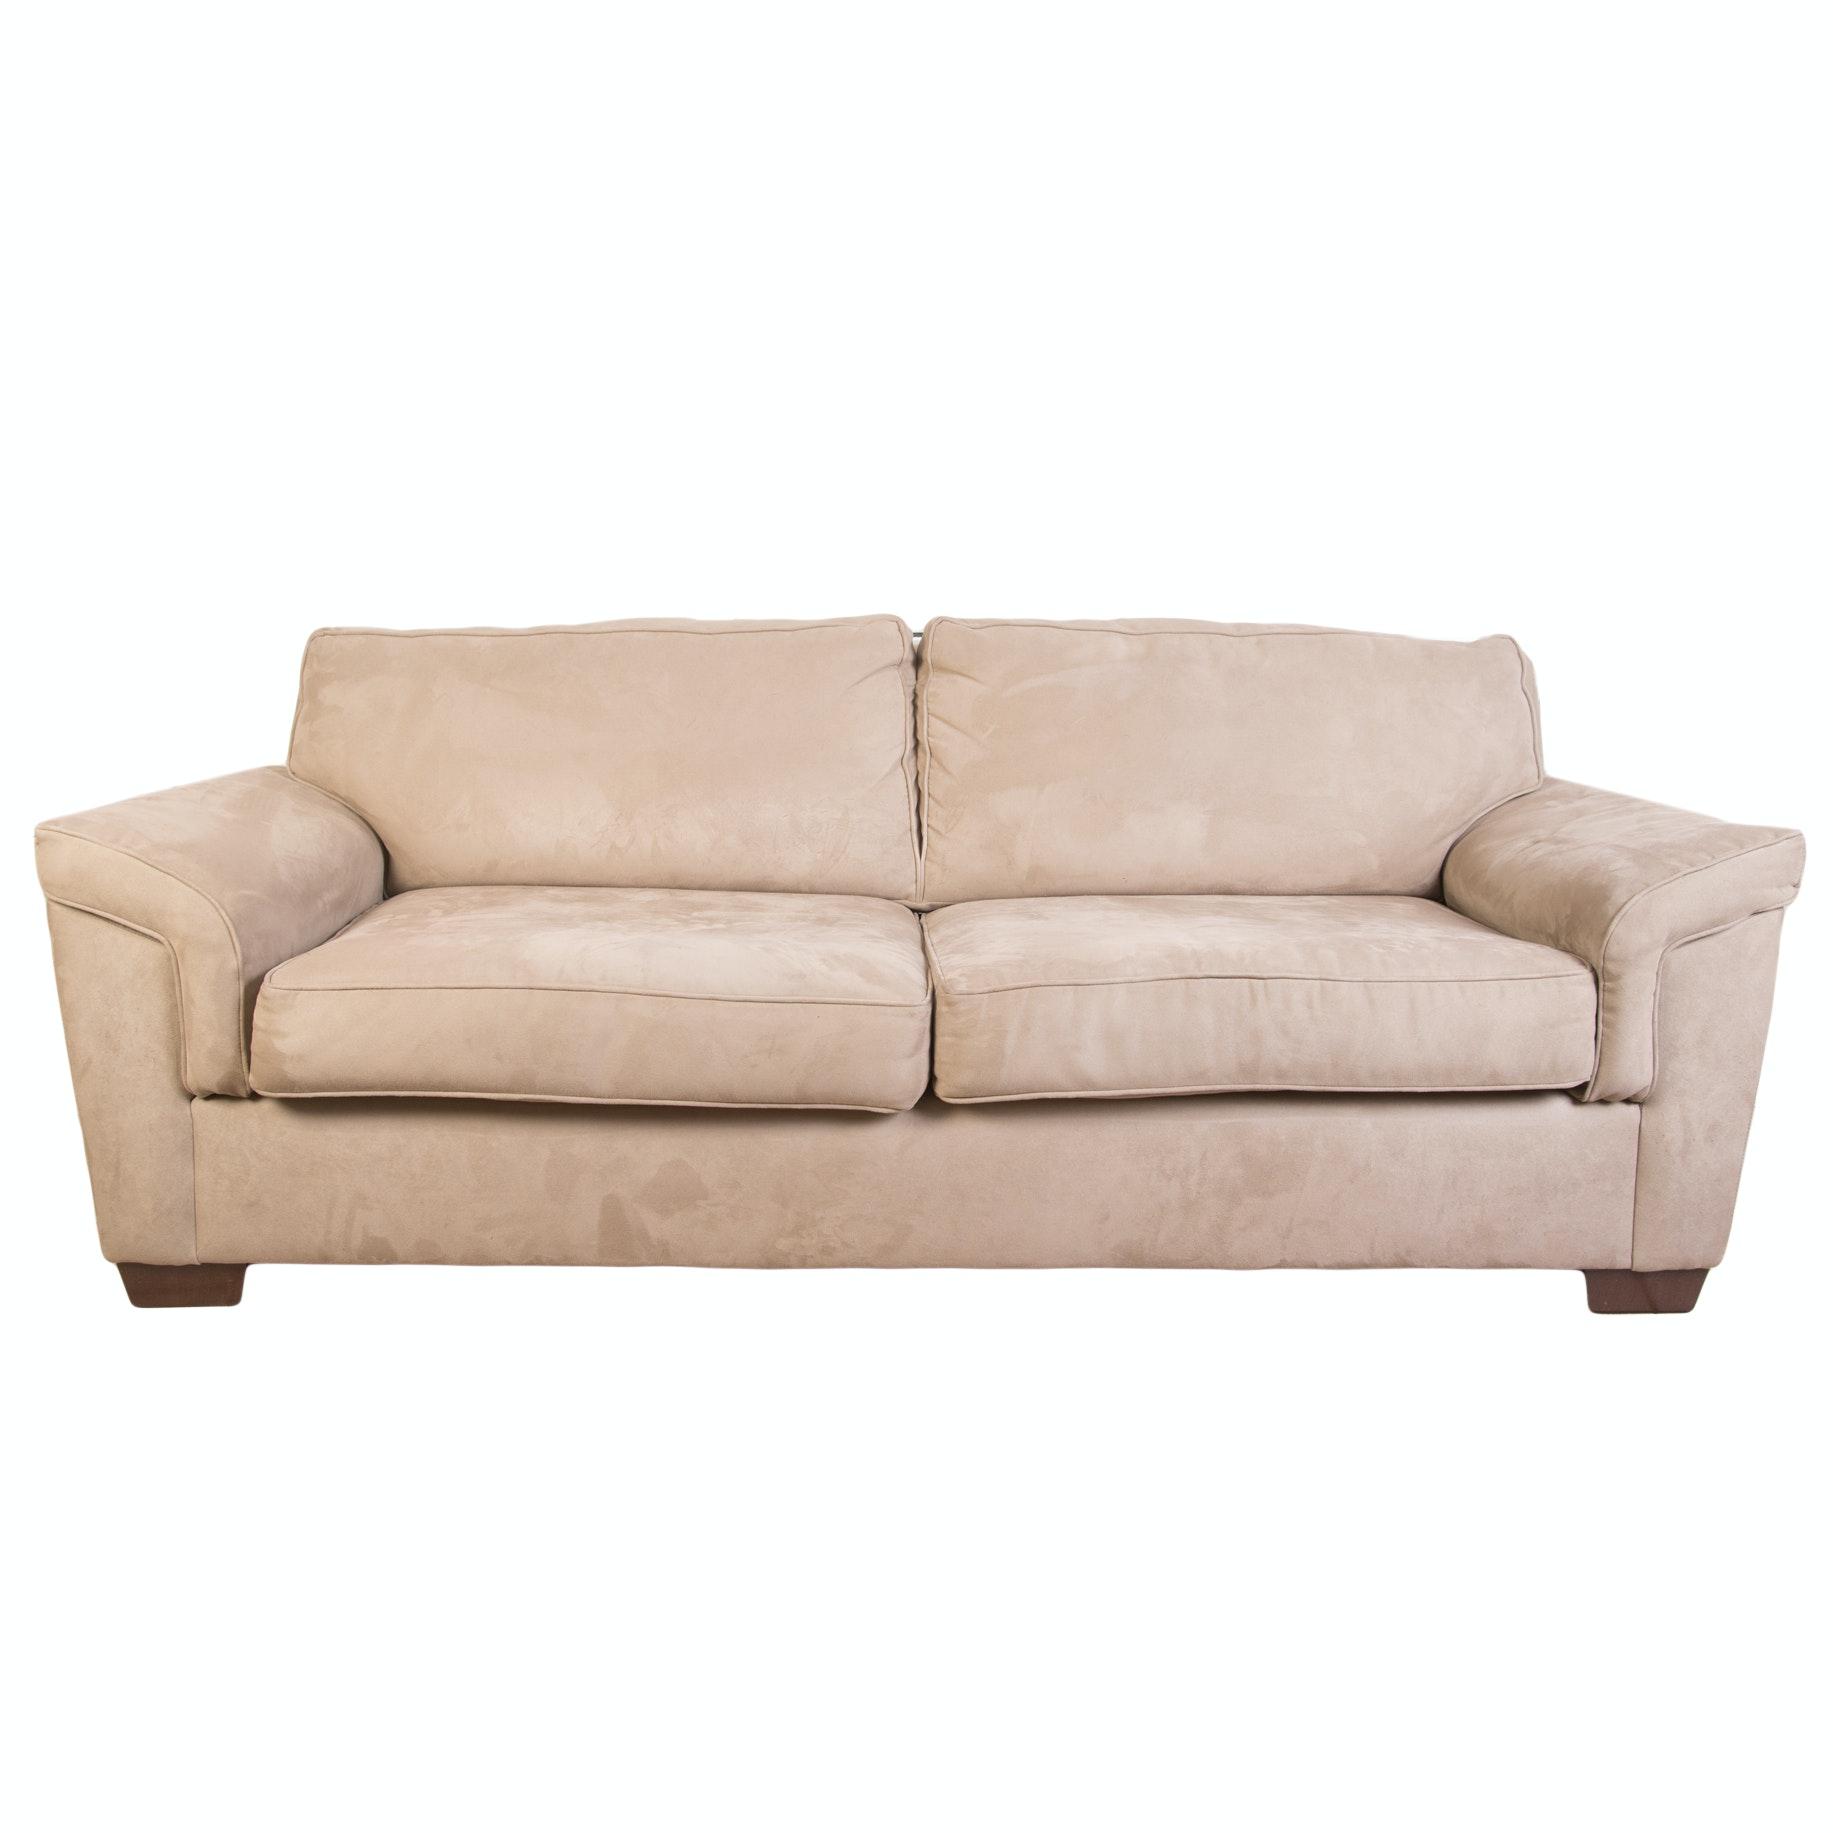 Bauhaus U.S.A. Contemporary Sofa